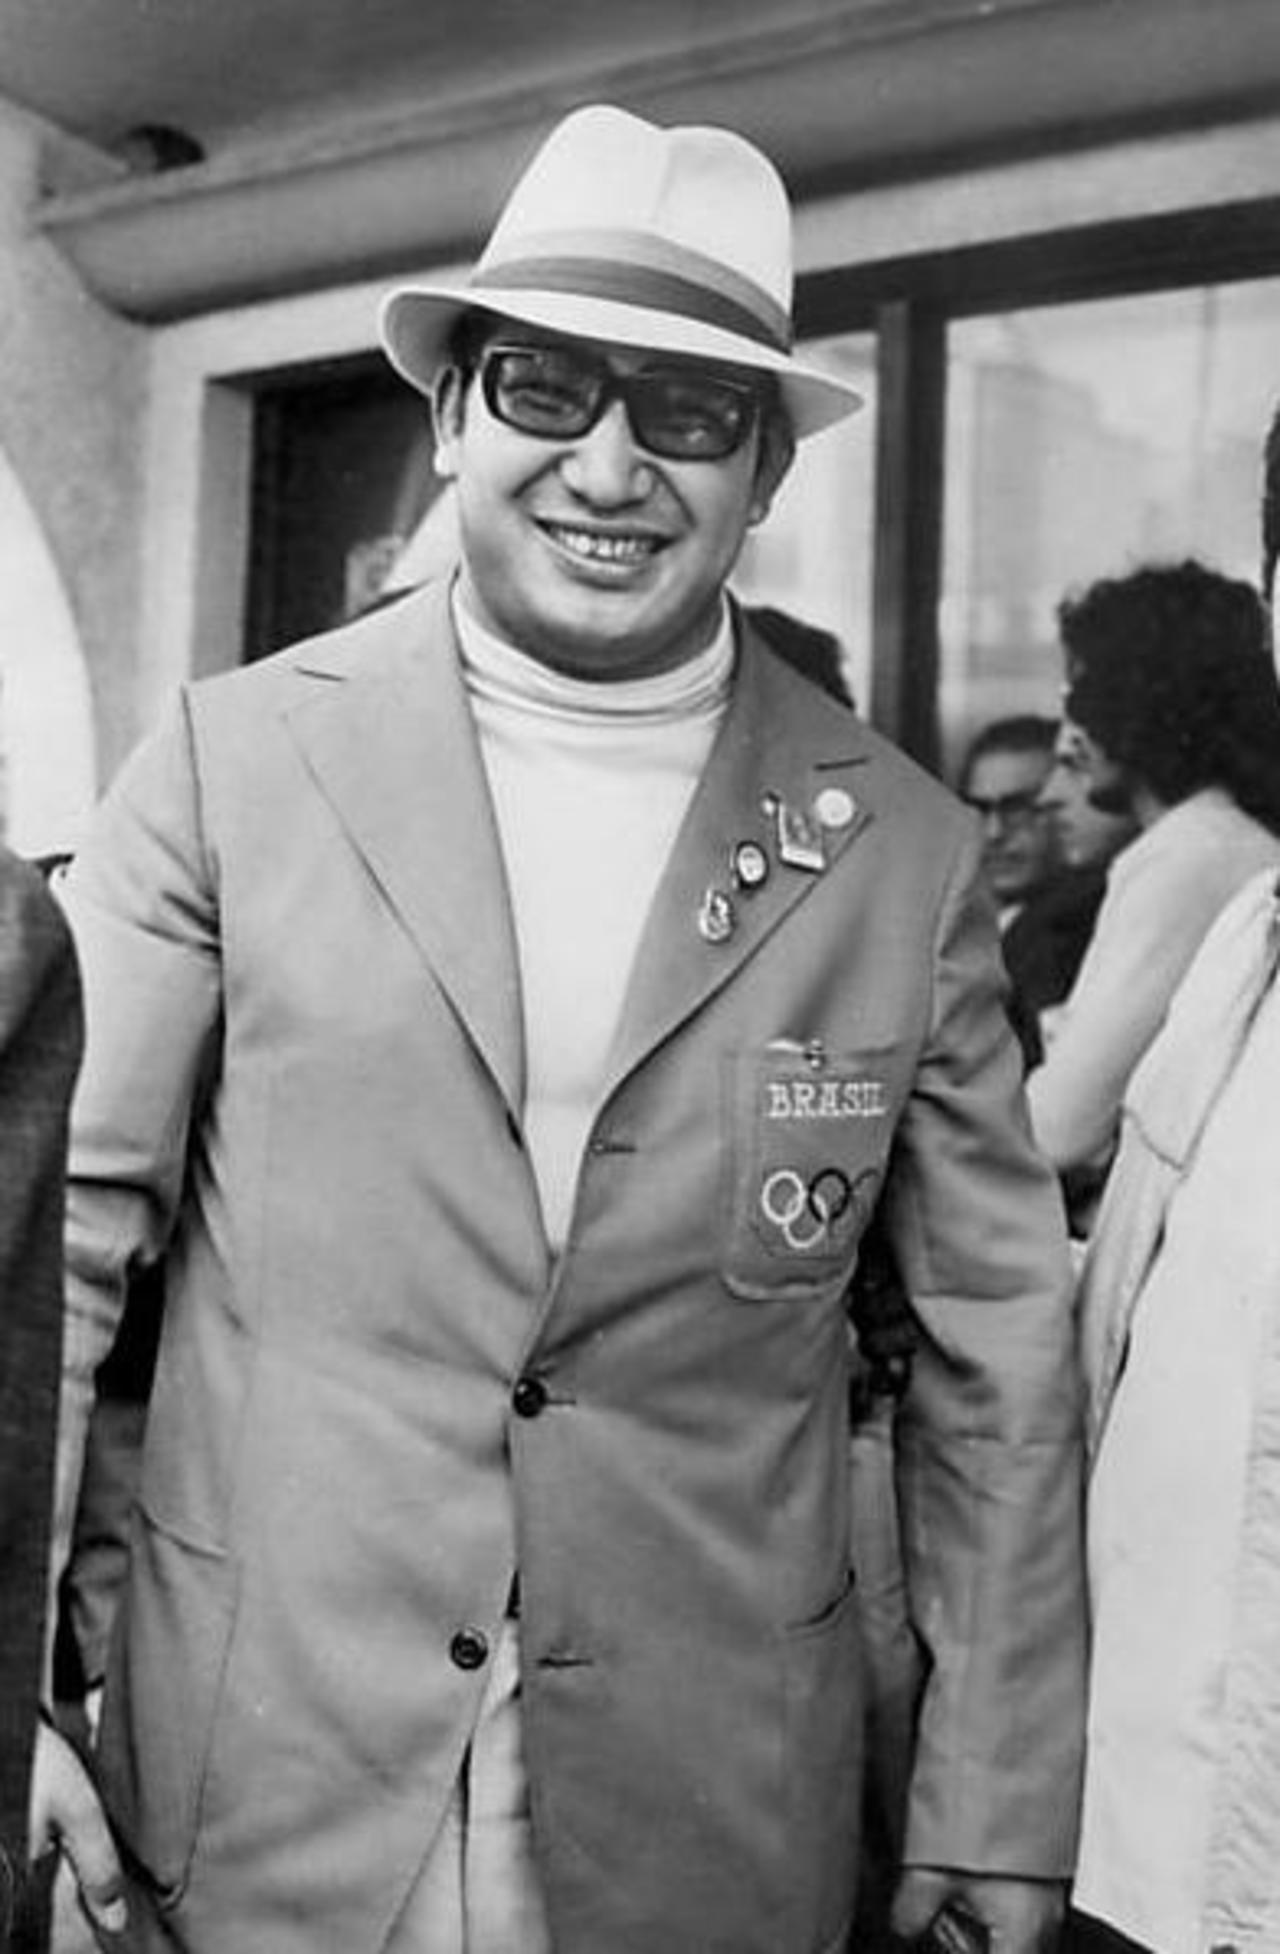 d59c850a0859f 07. Chiaki Ishii com o uniforme da delegação brasileira em 1972.